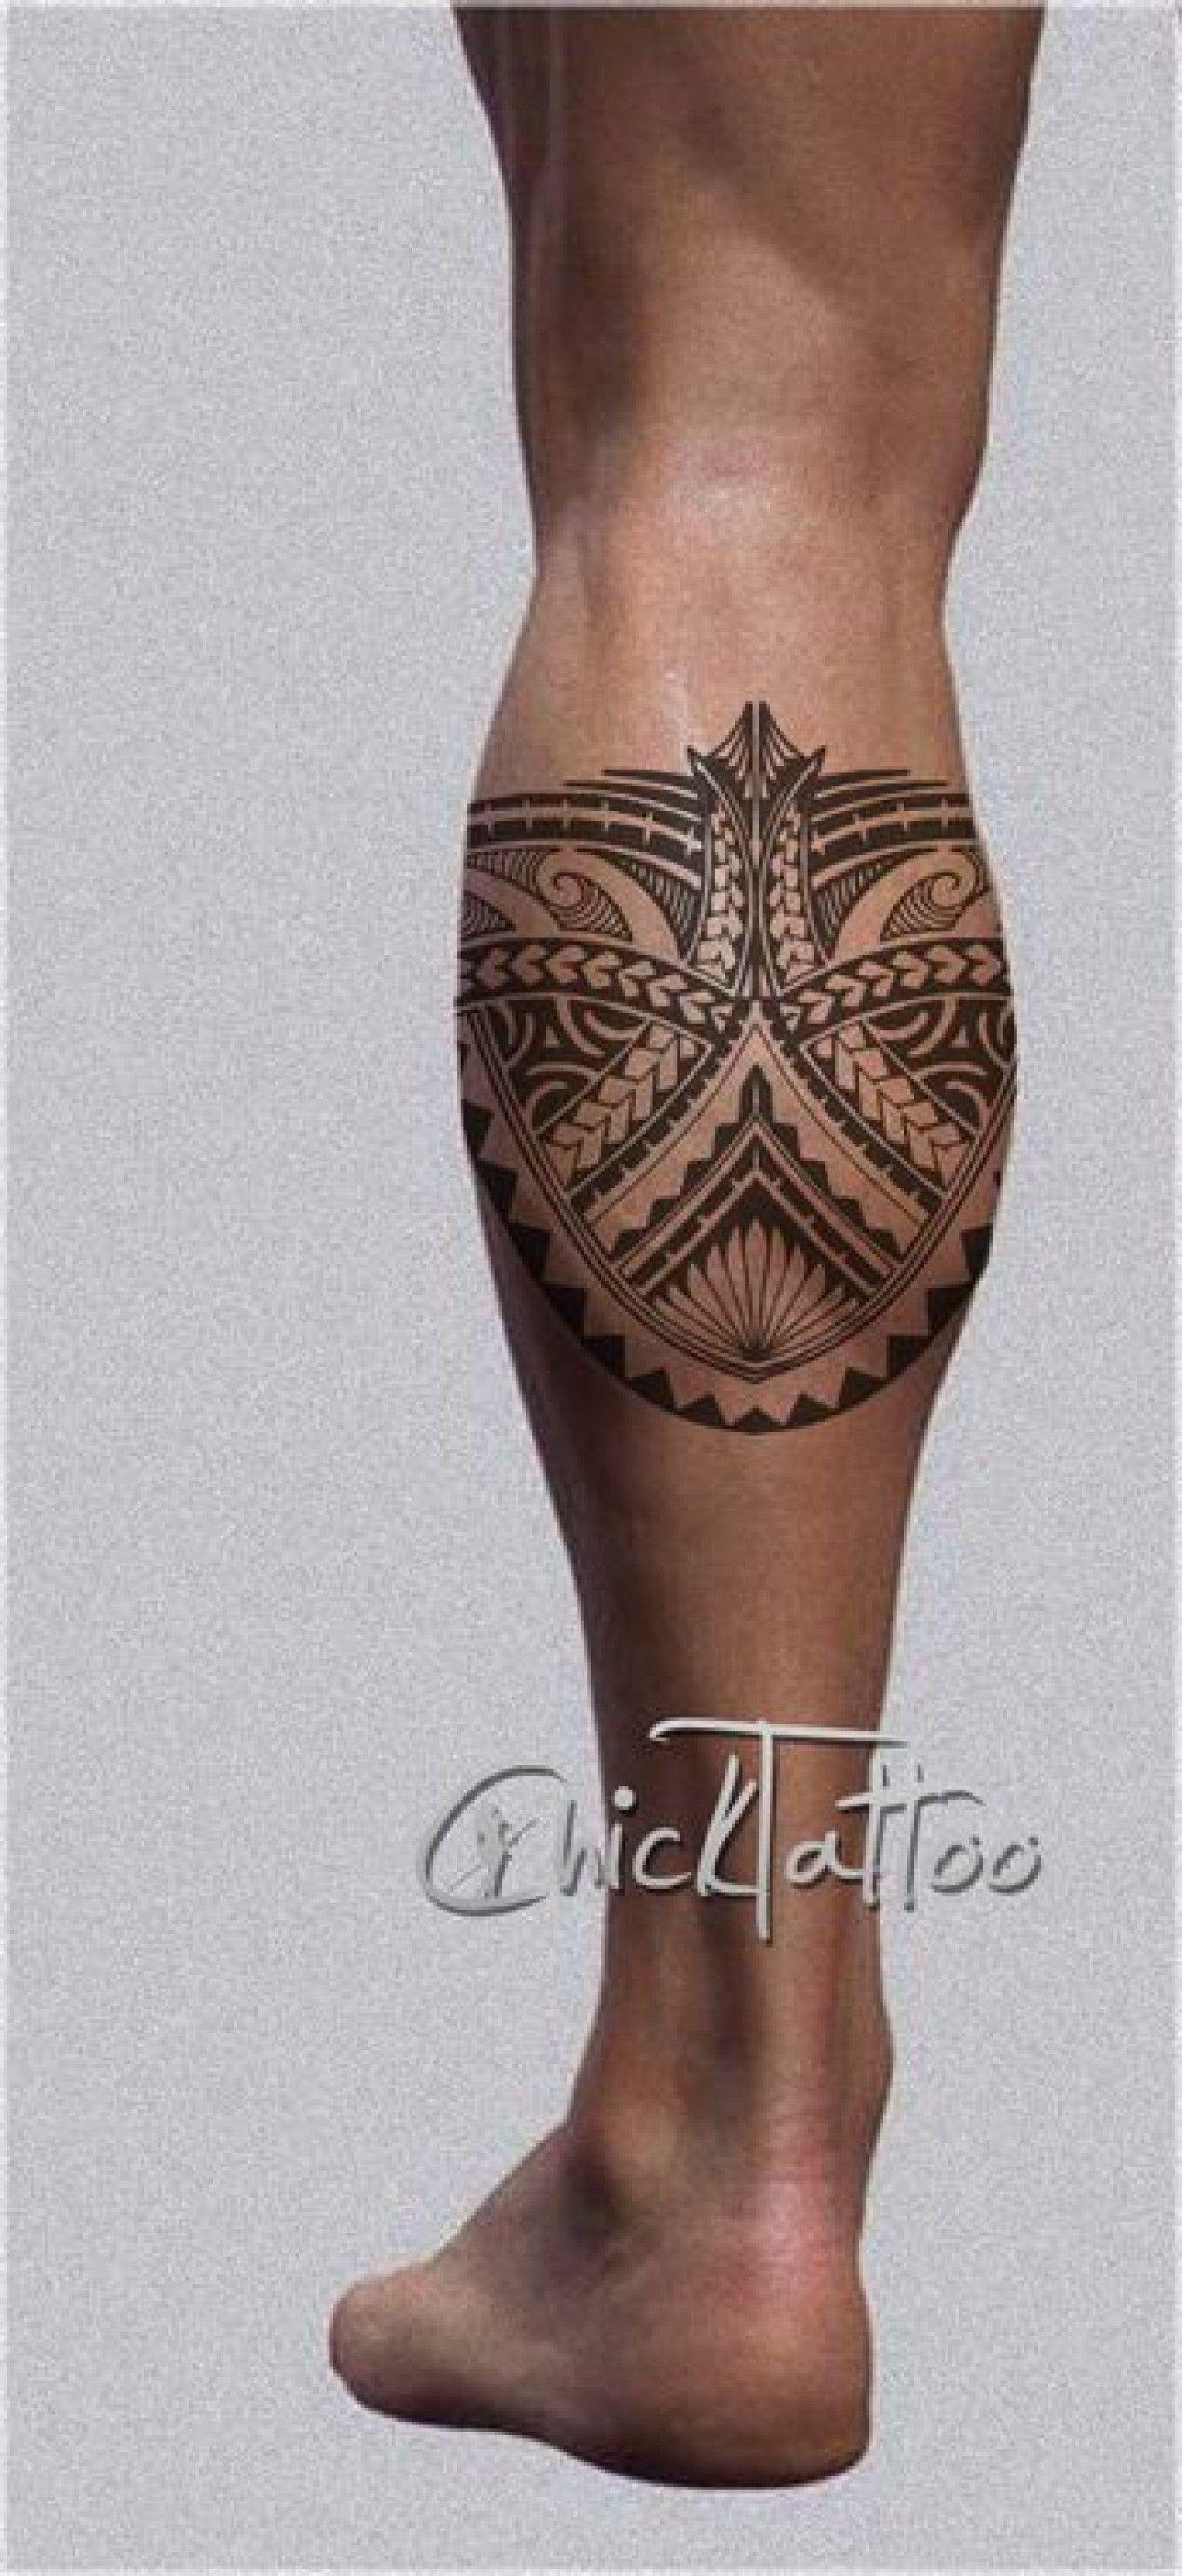 Tatouage Polynesien Jambe Tatouage Pinterest Tatuaje Maori